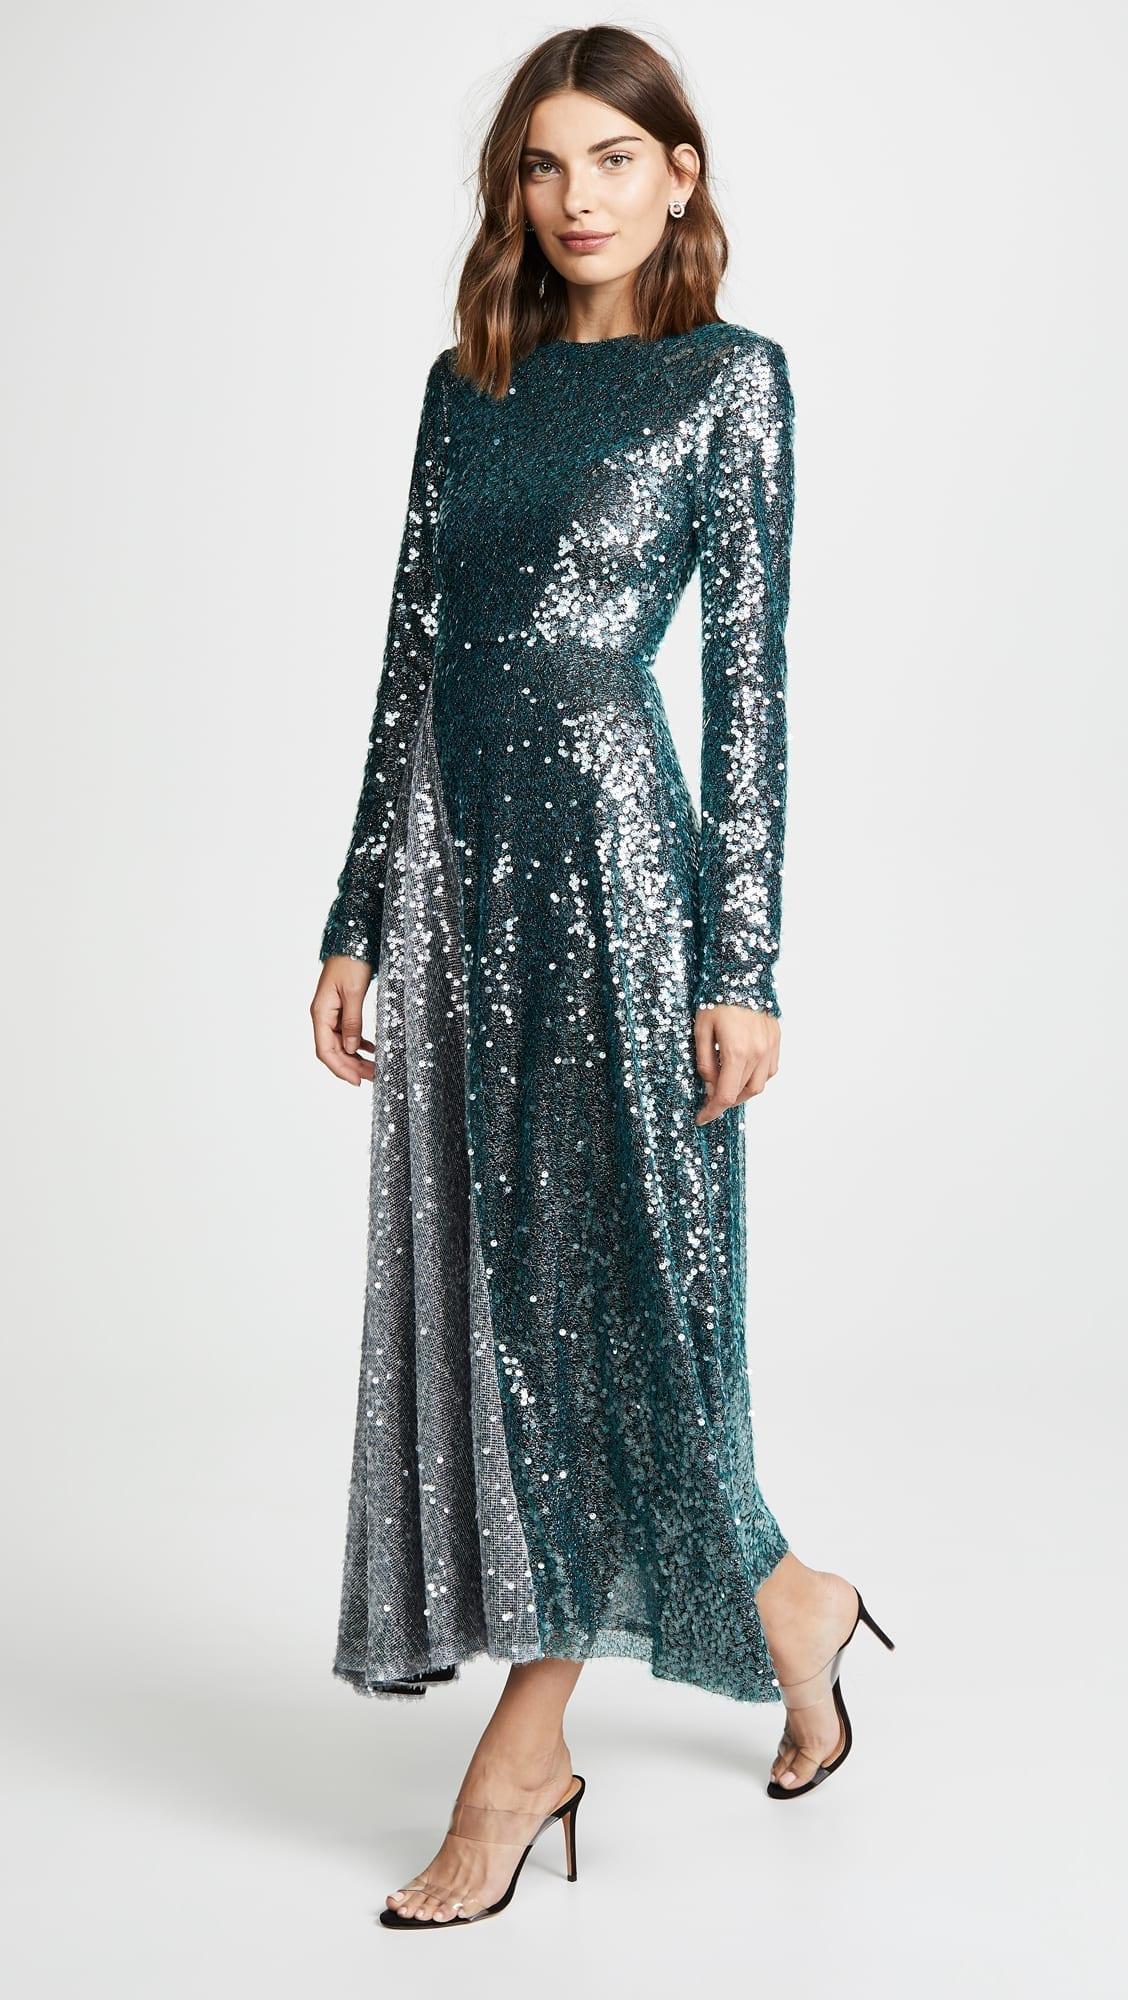 WALK OF SHAME Sequins Grey / Green Dress - We Select Dresses